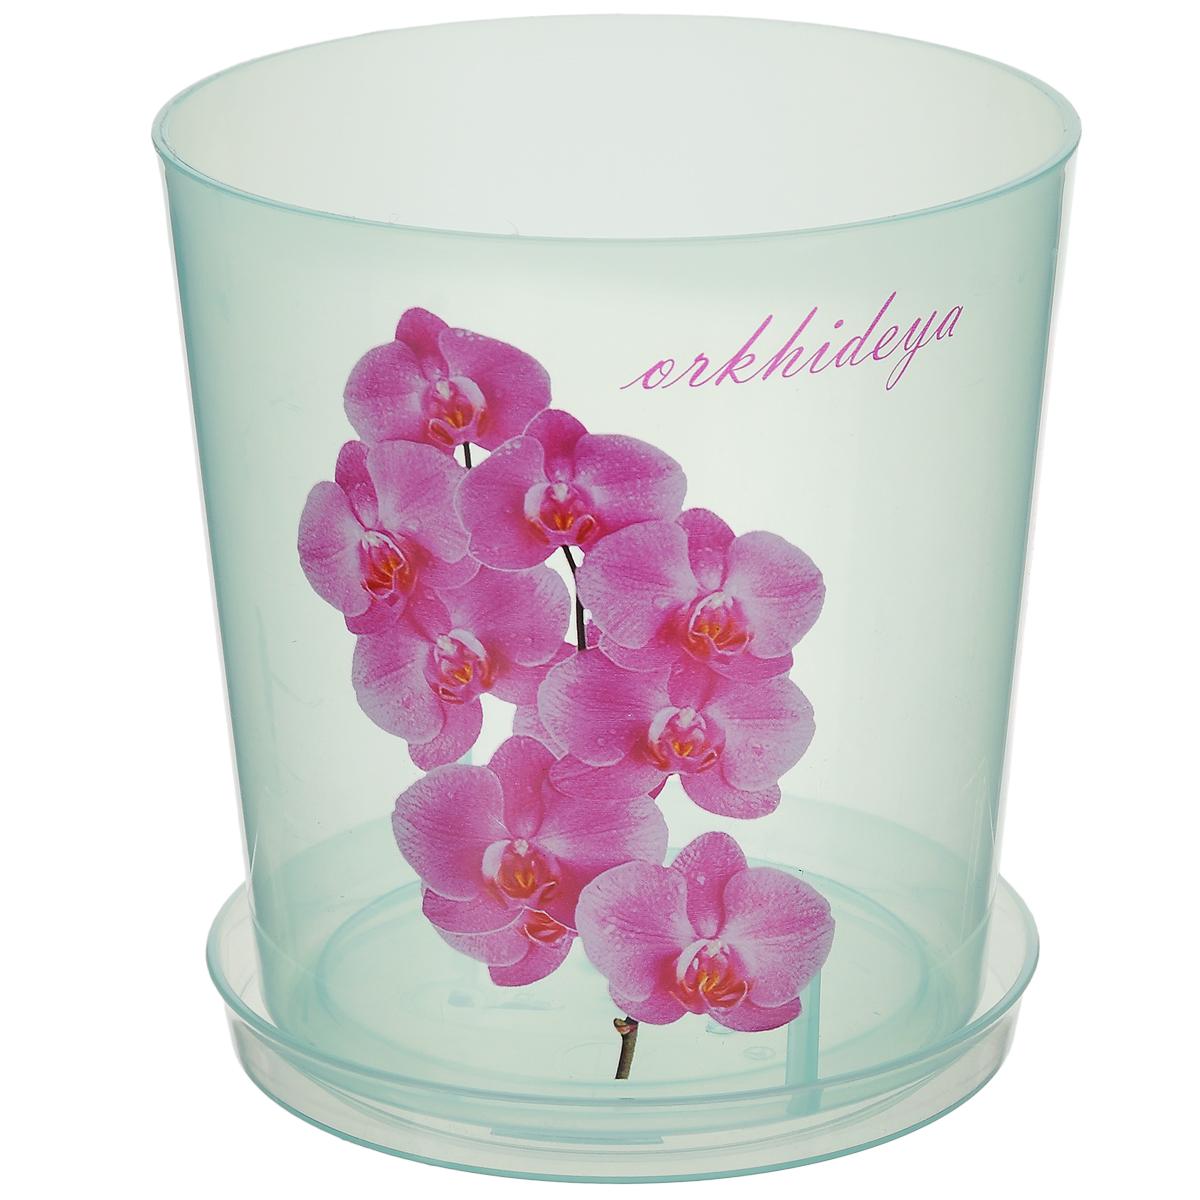 Горшок для орхидей Альтернатива, цвет: зеленый, 1,8 лB-0304Горшок для орхидей Альтернатива изготовлен из прочного прозрачного пластика. Внешние стенки оформлены изысканным изображением розовых цветков орхидеи и надписью Orkhideya. Горшок оснащен поддоном. Диаметр горшка (по верхнему краю): 14 см. Высота горшка: 15 см.